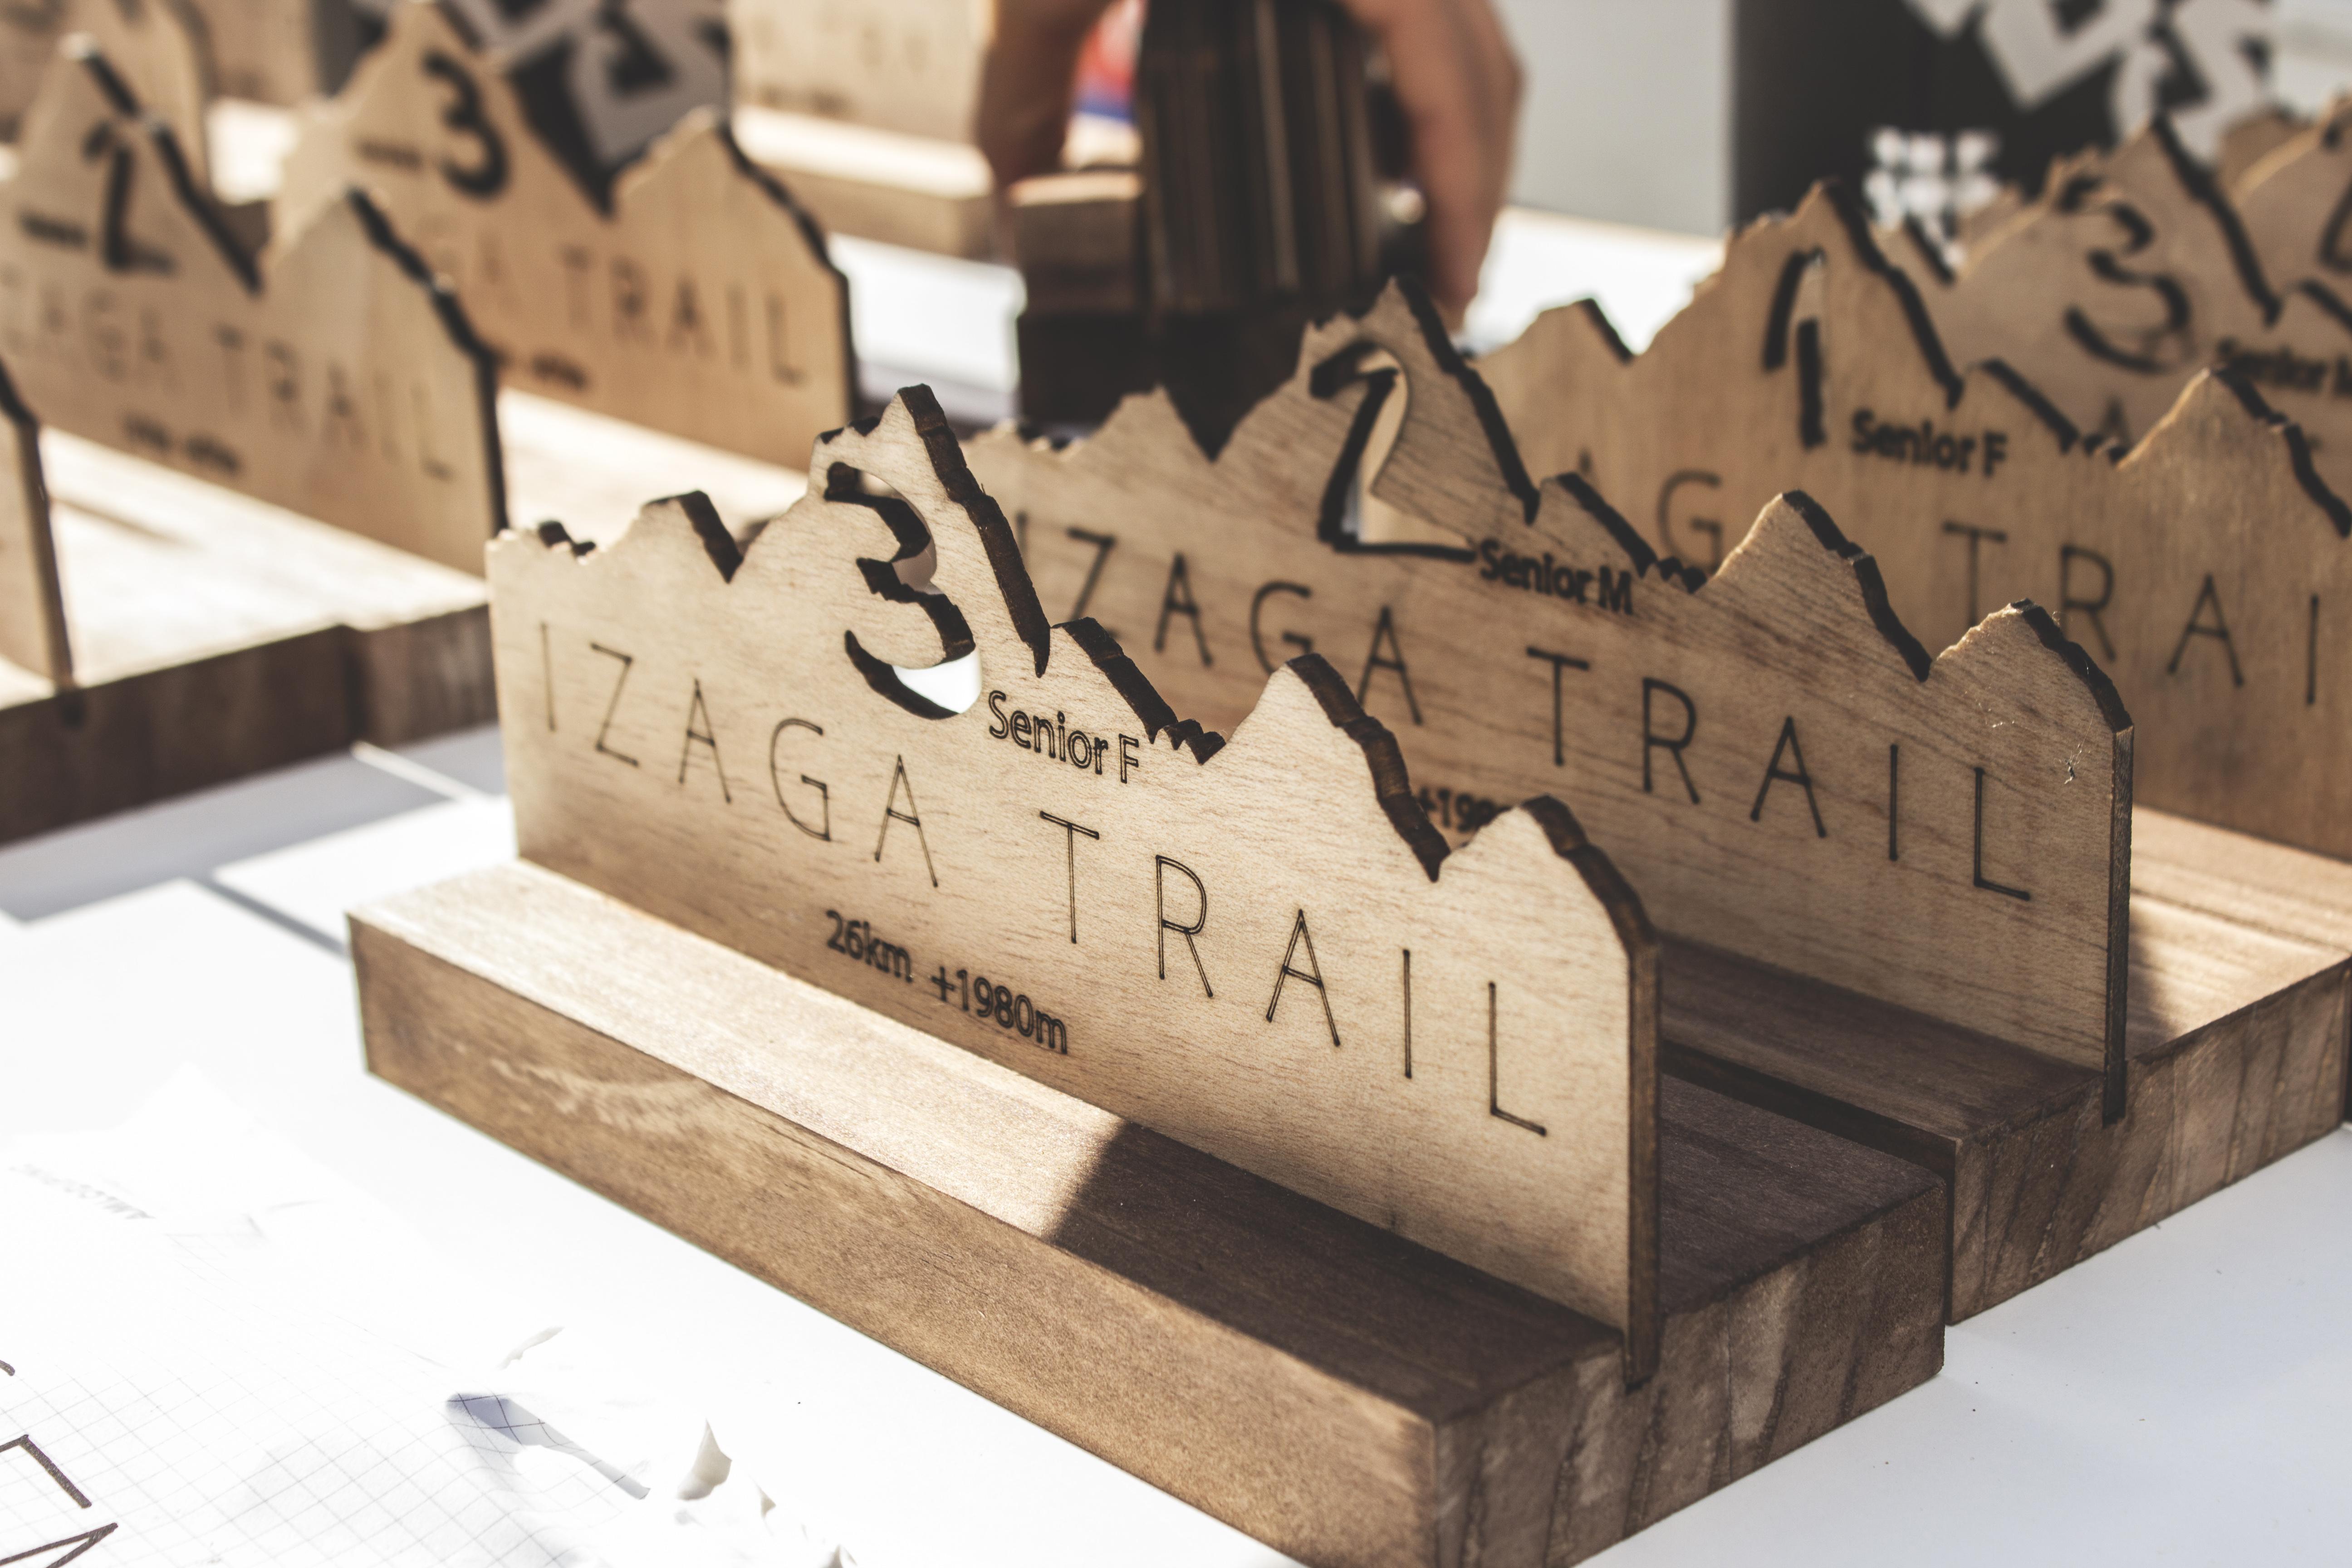 Trofeos Izaga Trail